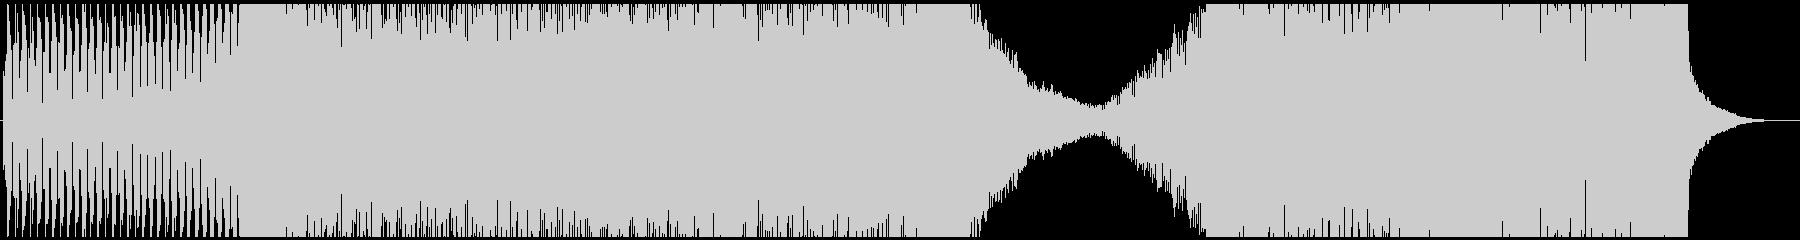 シンプルで緊迫感のあるEDMの未再生の波形